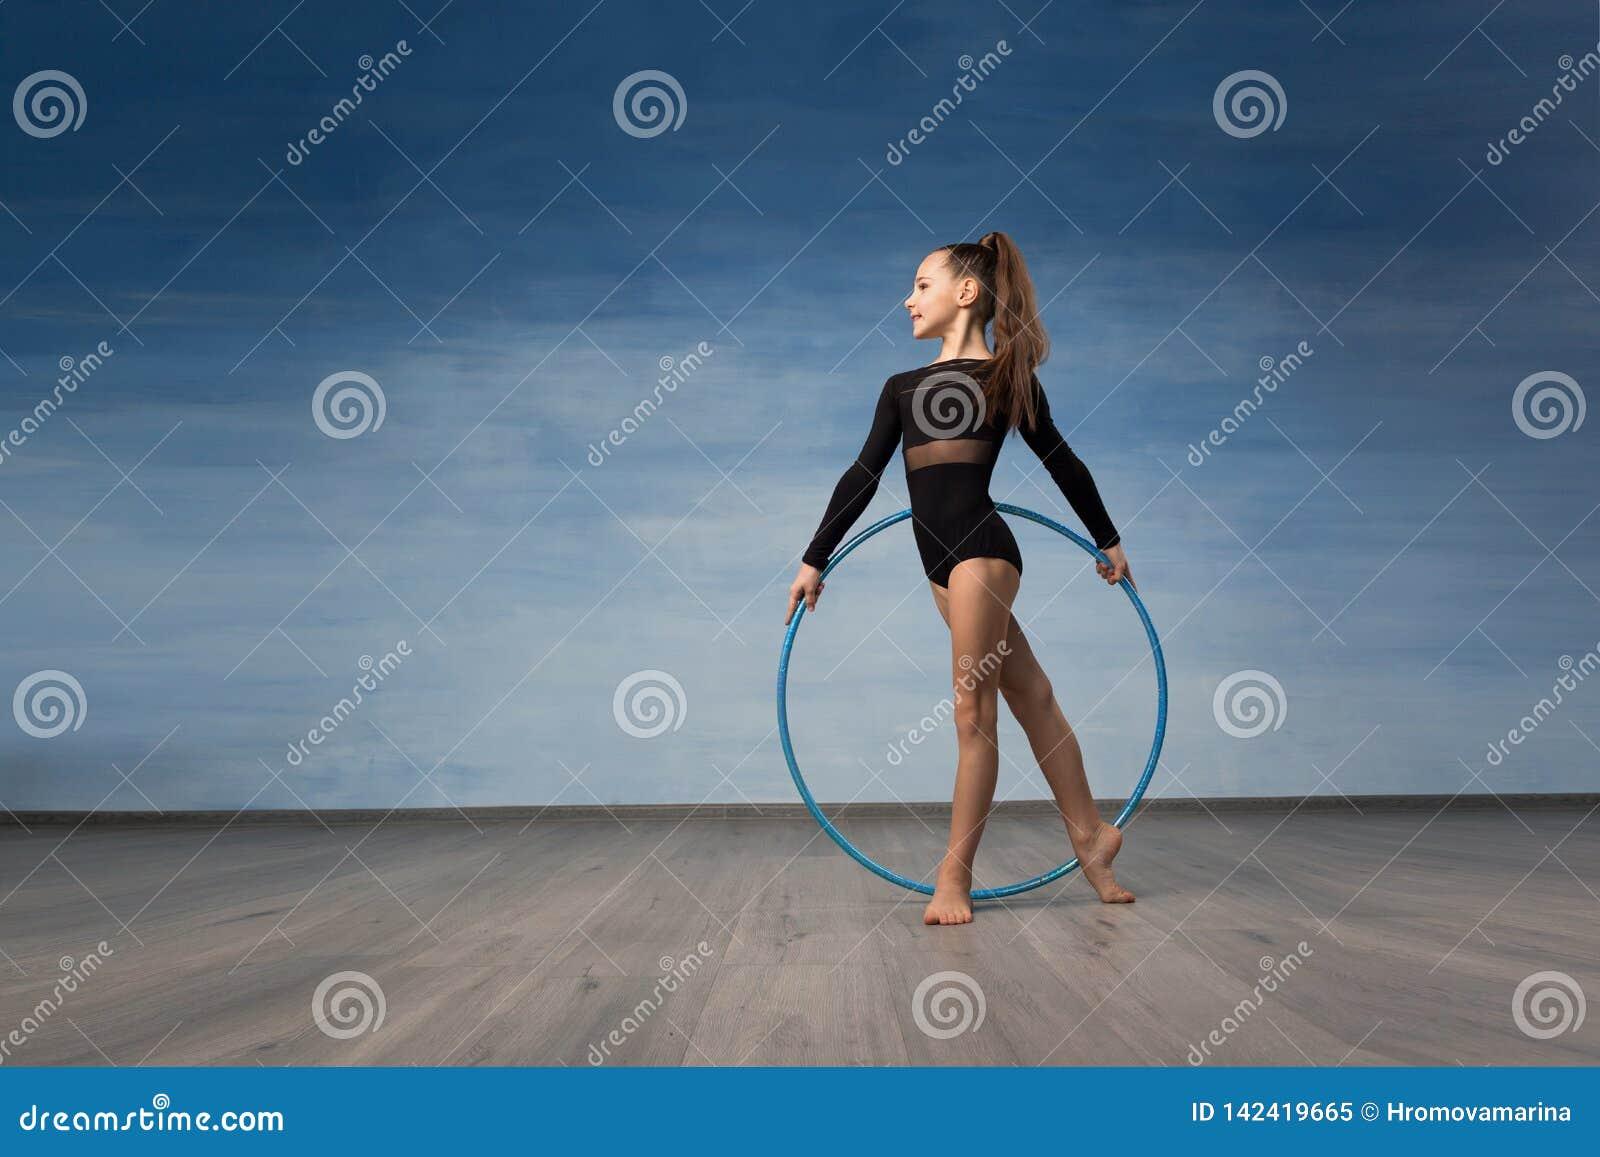 Młodej dziewczyny gimnastyczka w kostiumu kąpielowego czarnych spojrzeniach w profilu w rękach gimnastyczny obręcz